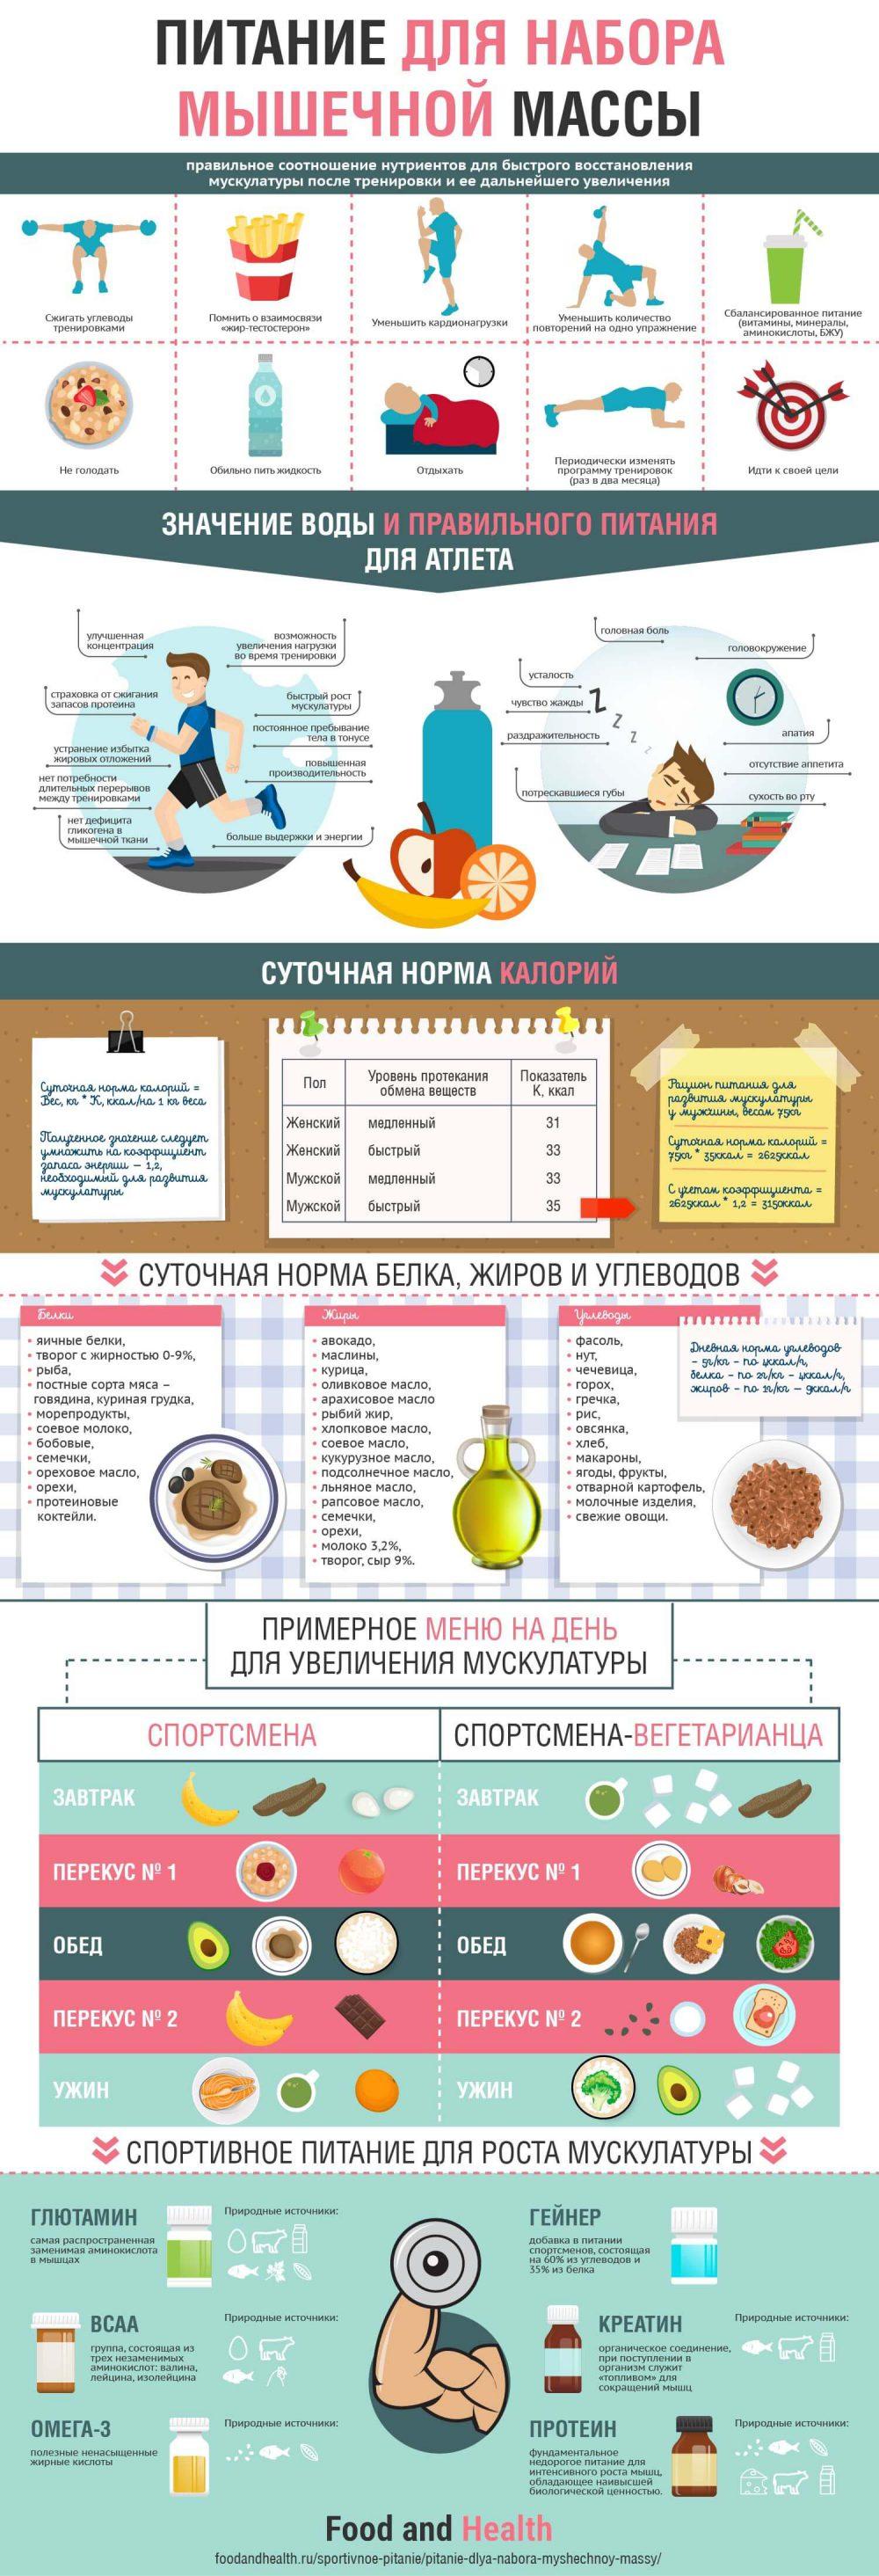 Питание для набора мышечной массы - инфографика